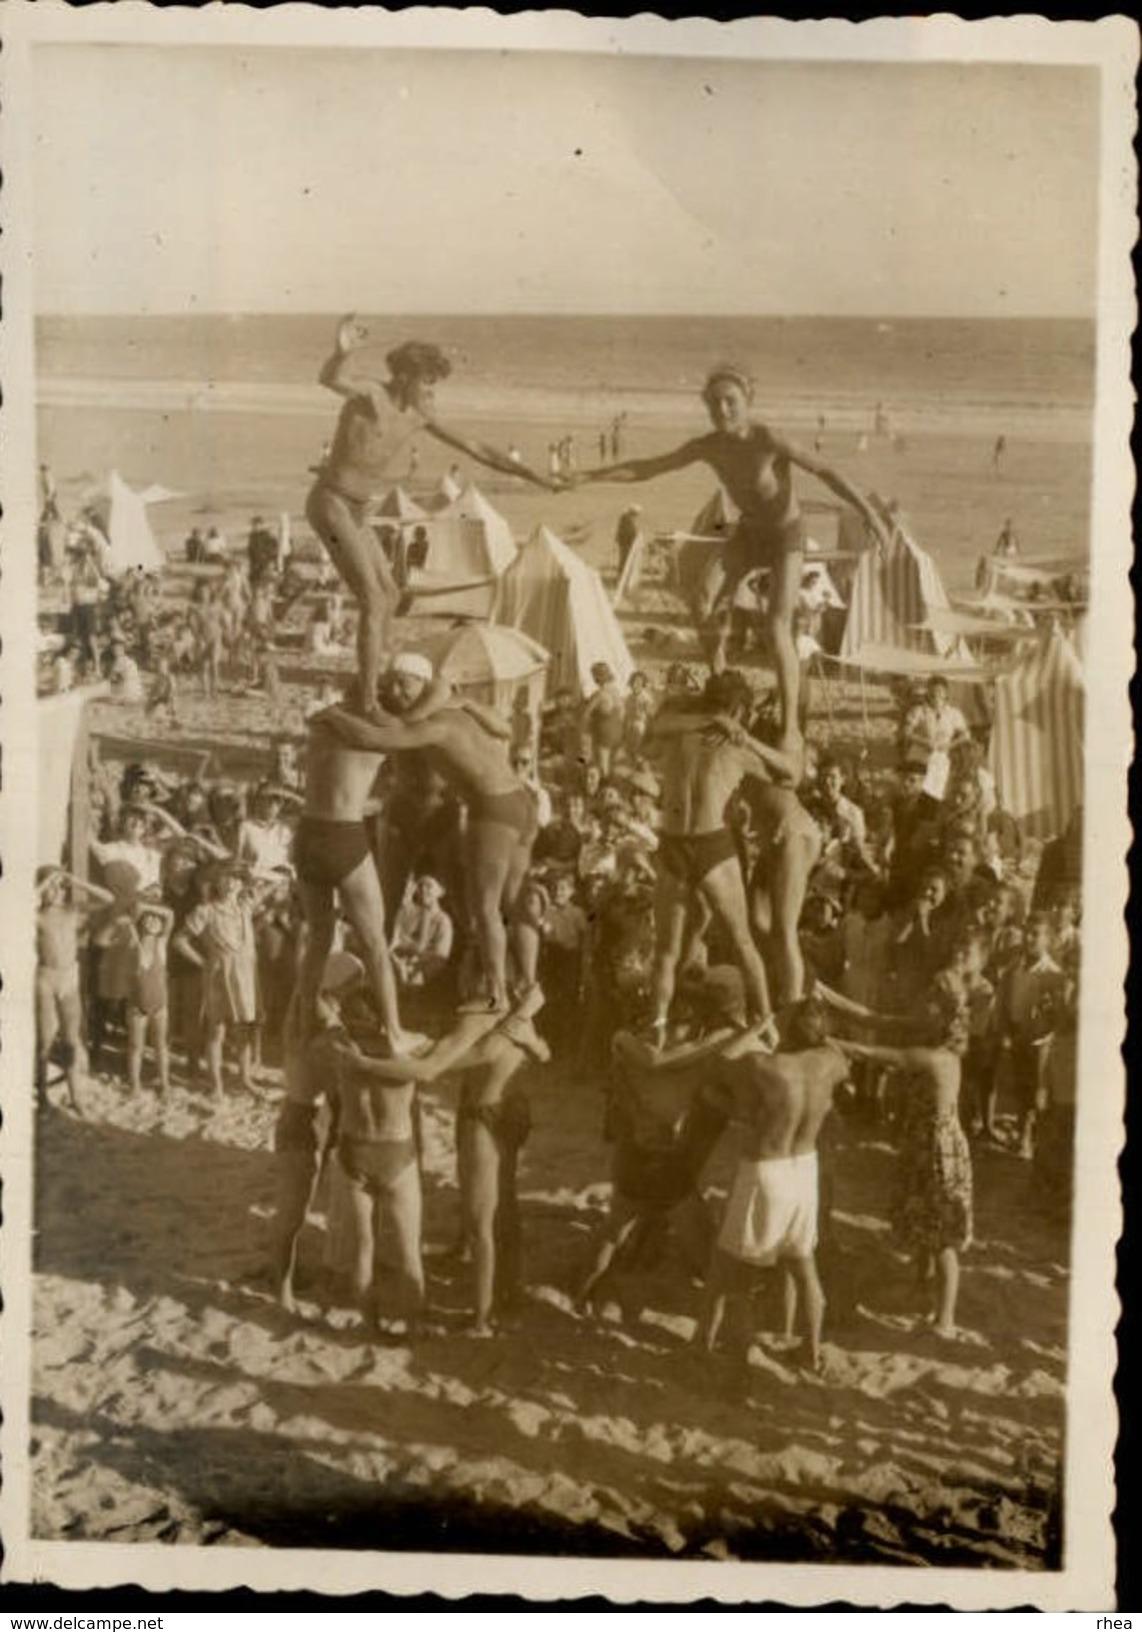 85 - LES SABLES D'OLONNE - Photo Concours De Pyramide Sur La Plage 1945 - Lieux